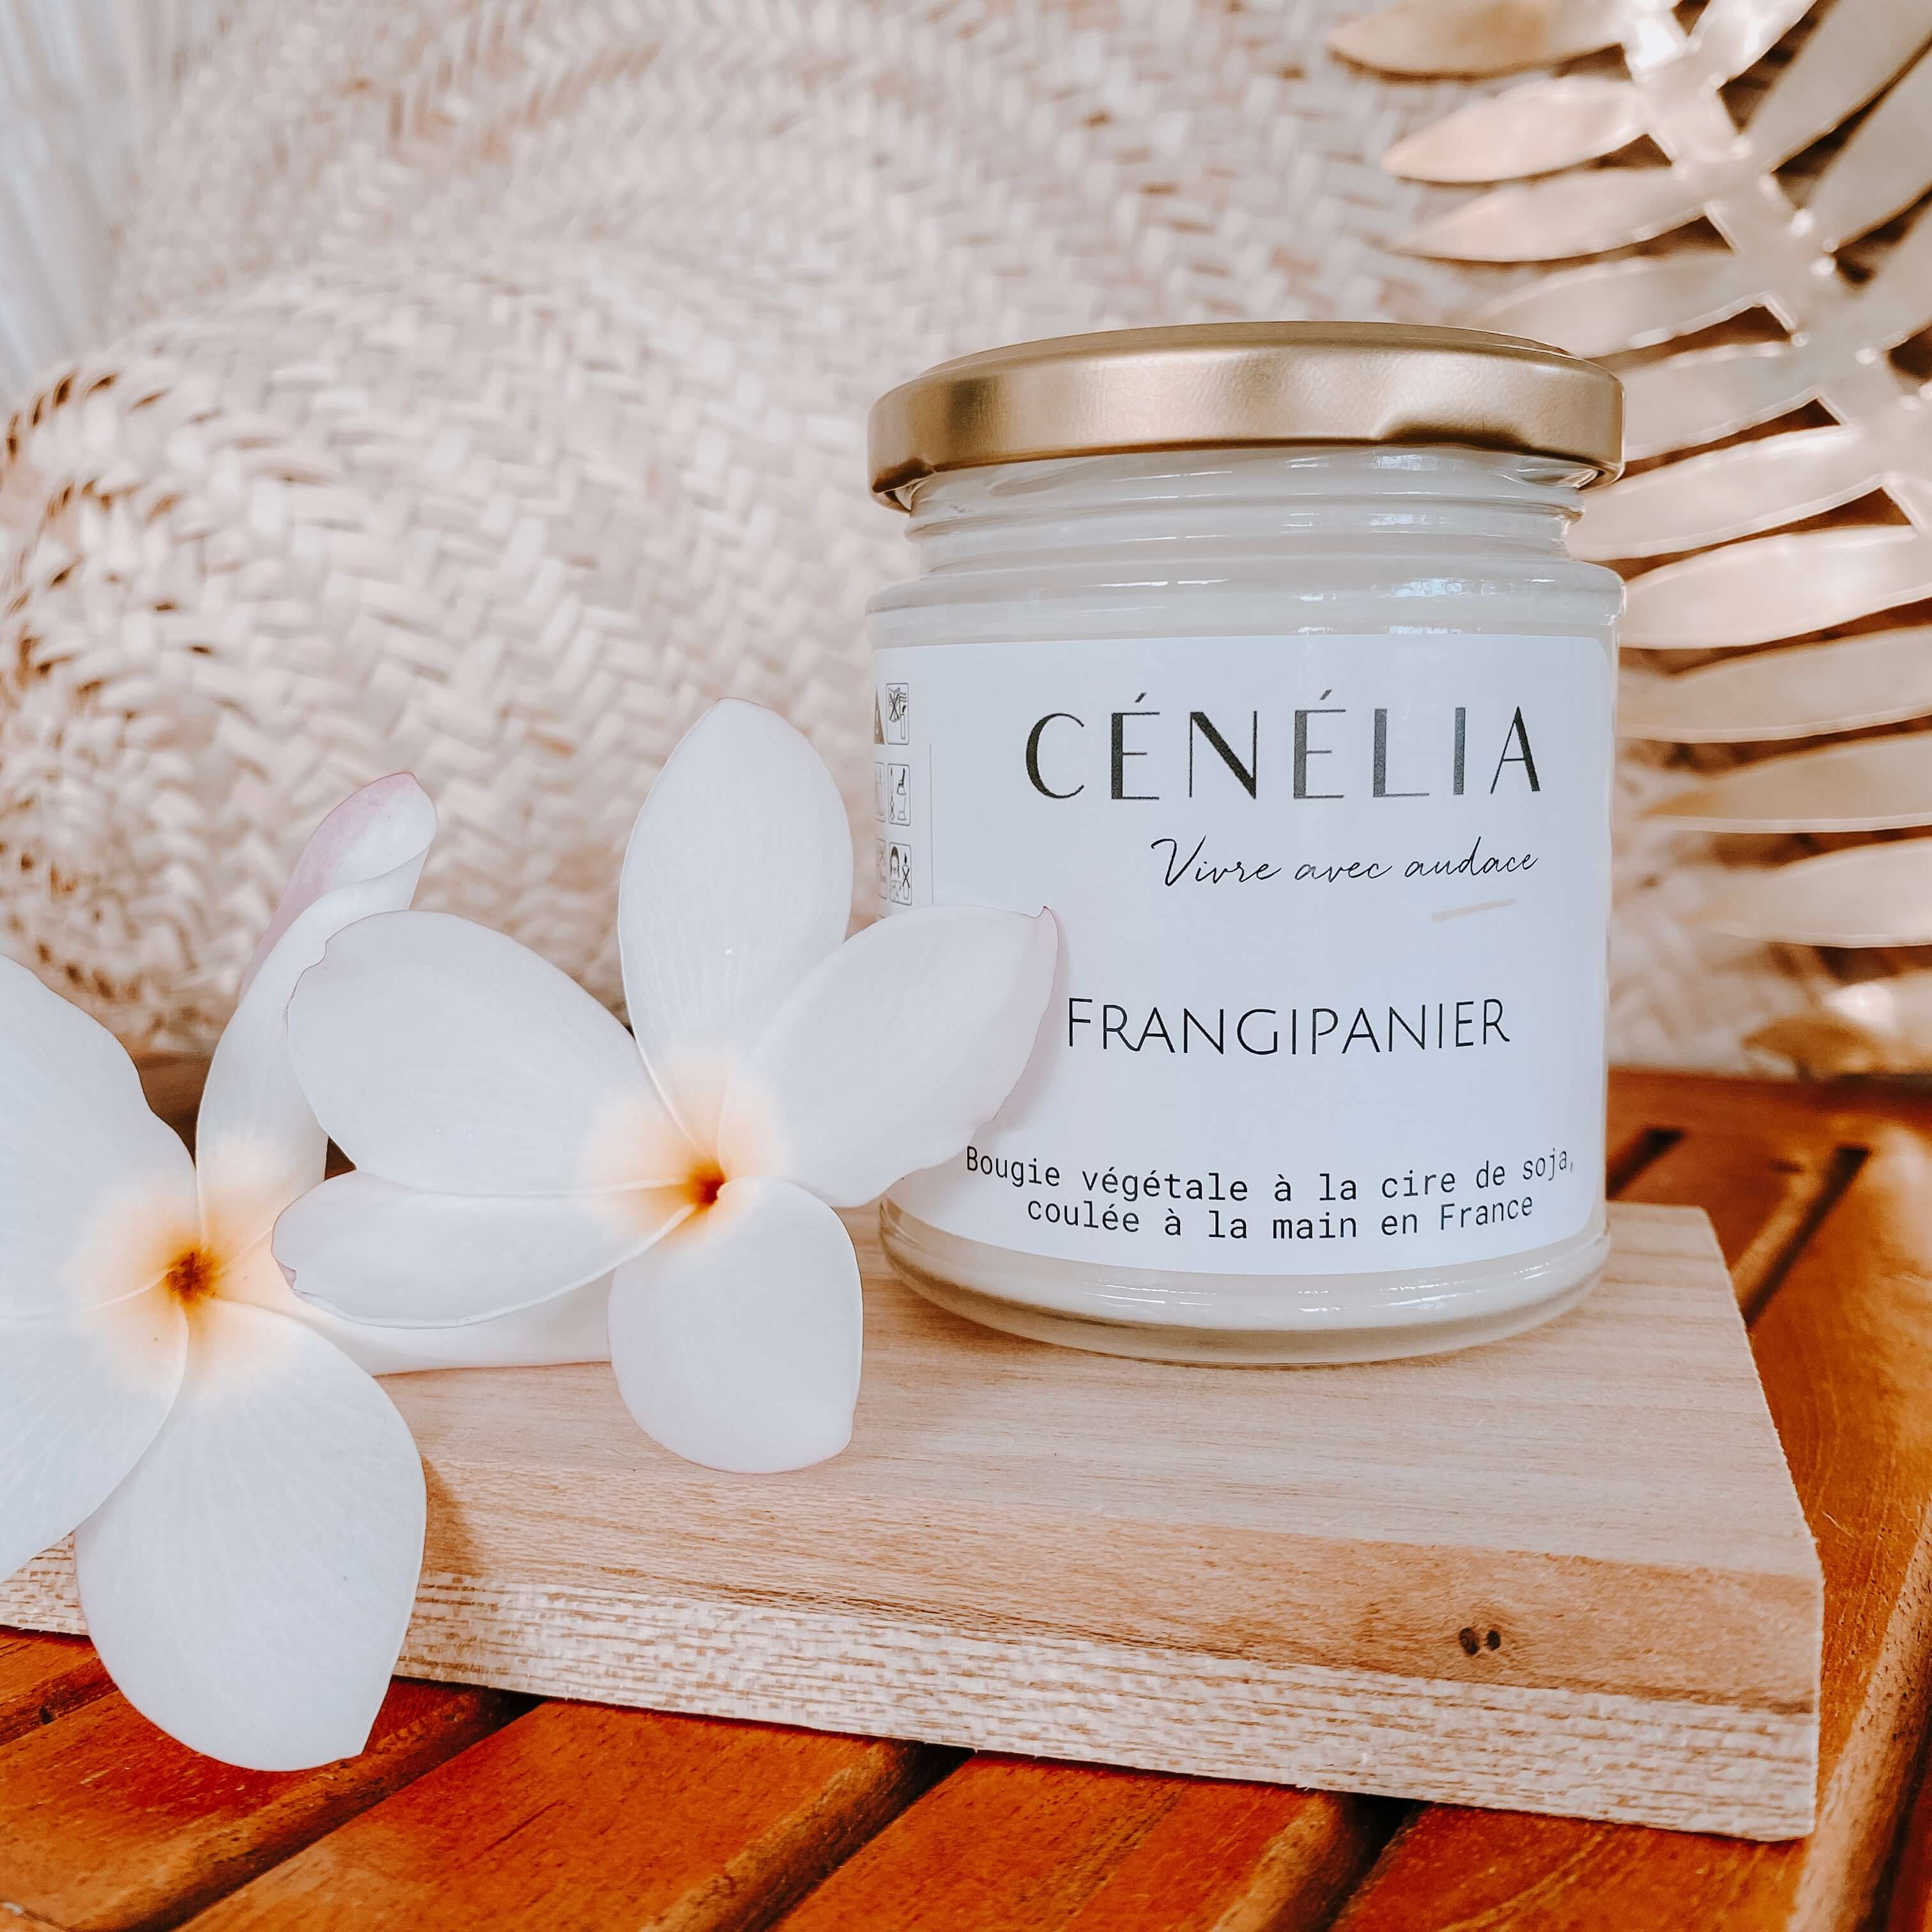 bougie végétale - Bougie parfumée à la fleur de frangipanier - Cénélia.jpg